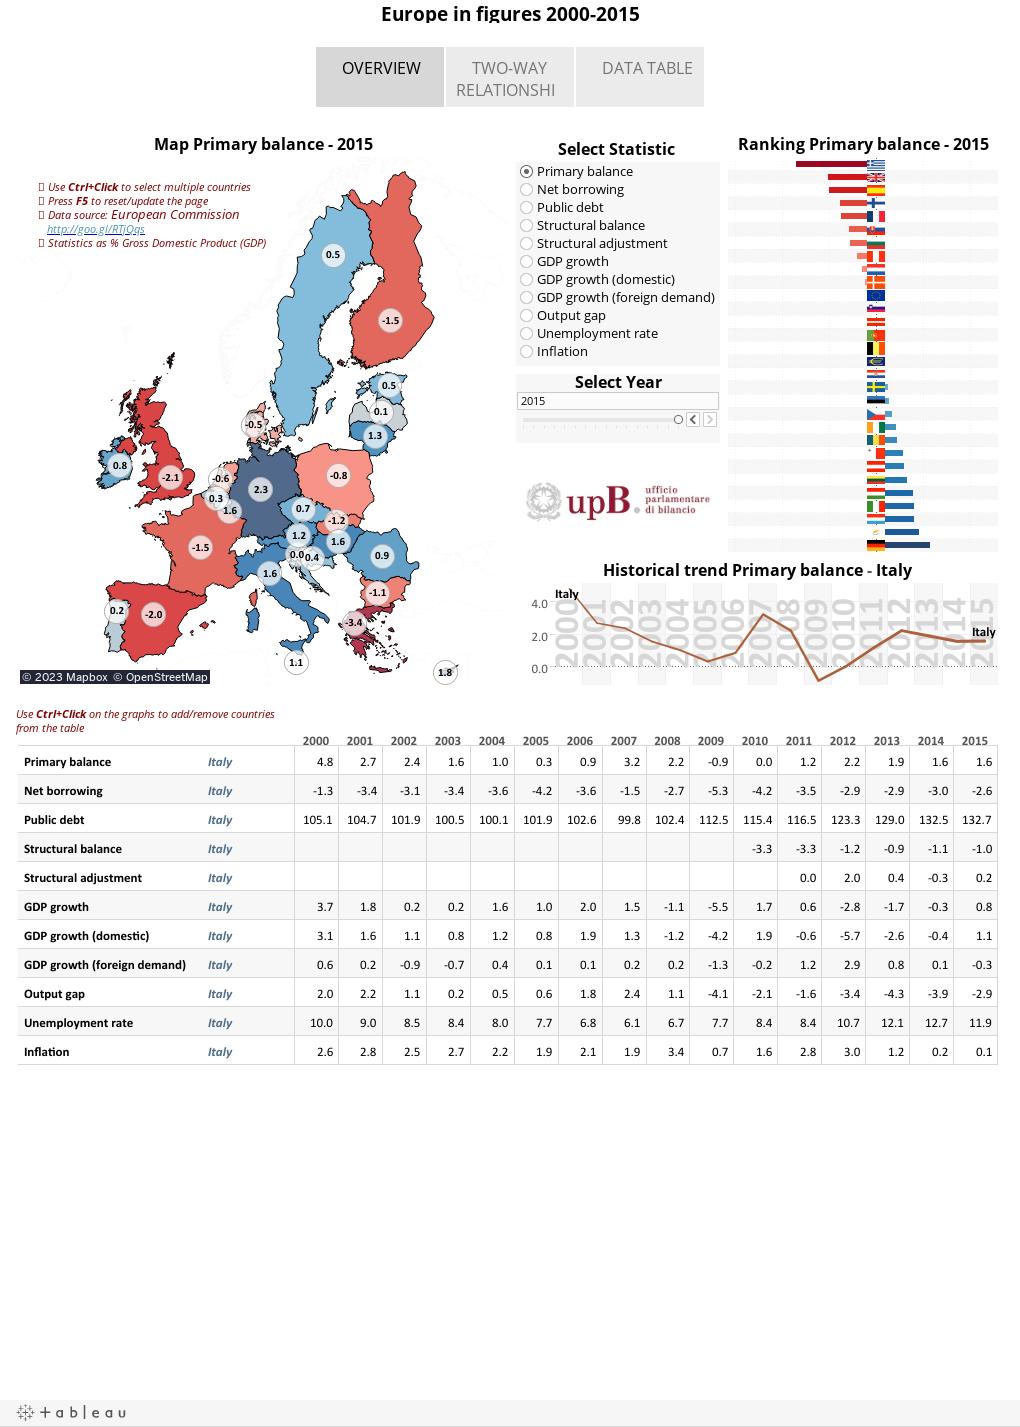 Europe in figures 2000-2015